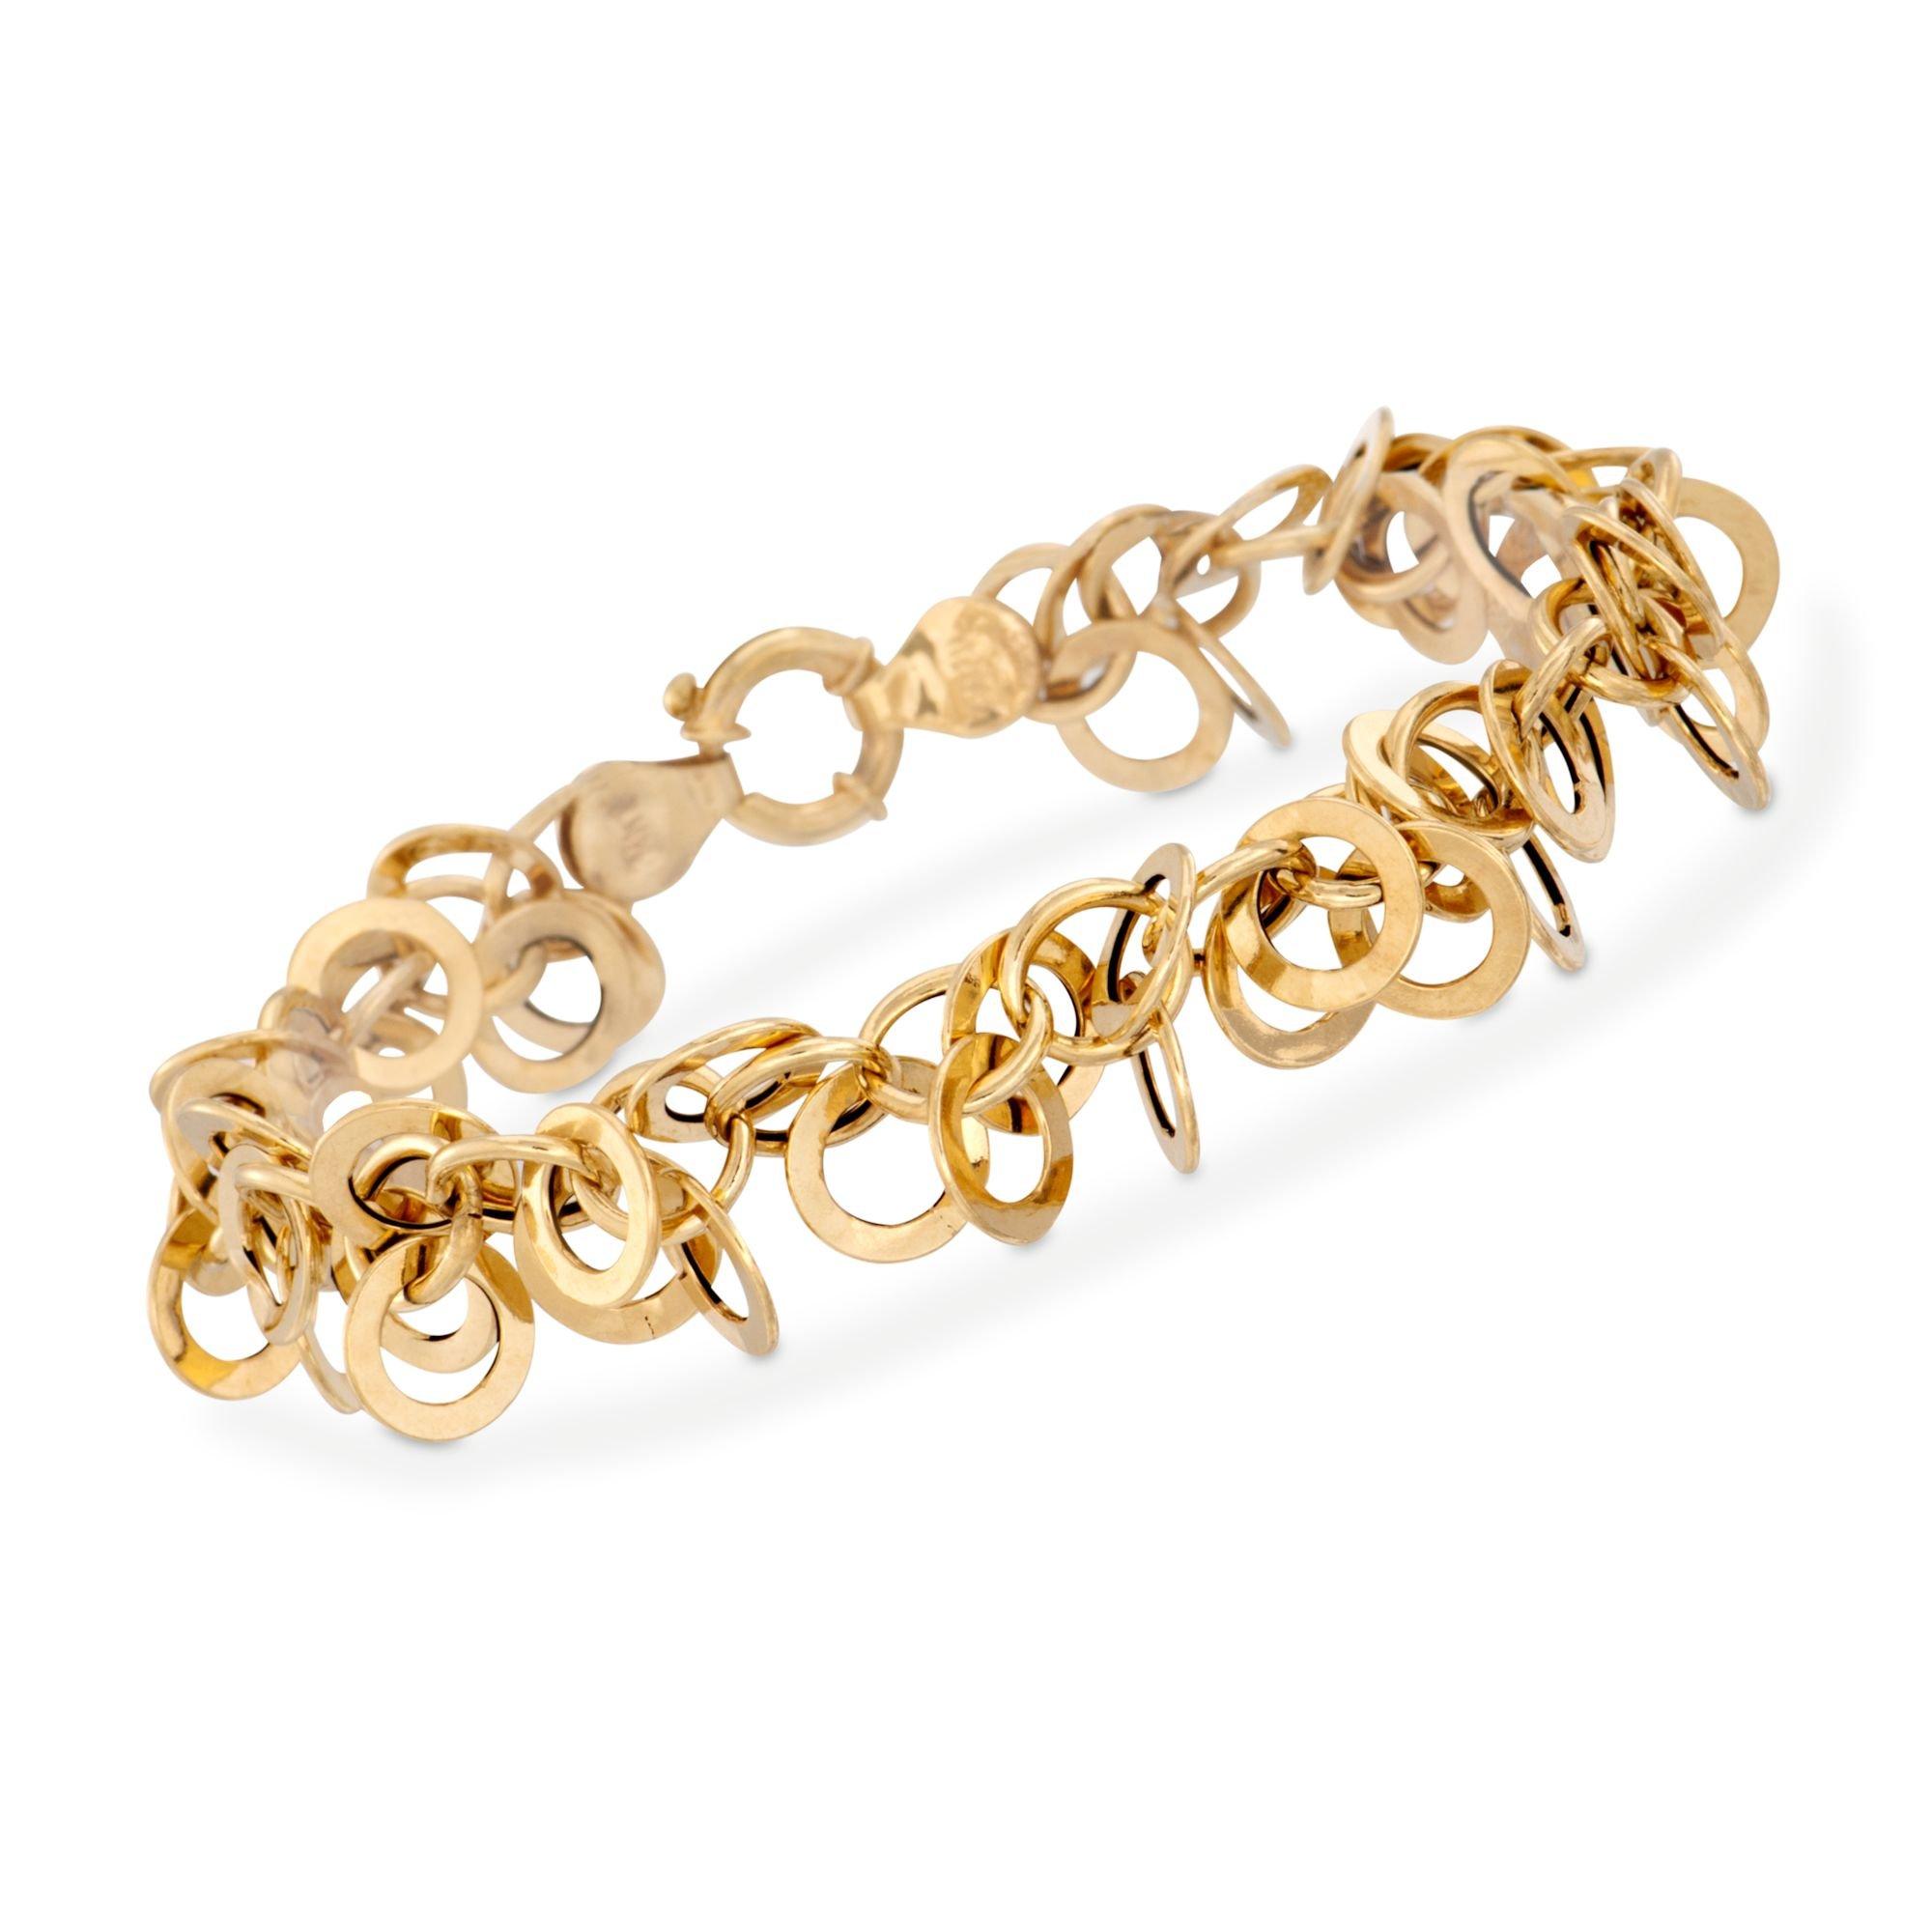 Ross-Simons Italian 14kt Yellow Gold Multi-Circle Link Bracelet